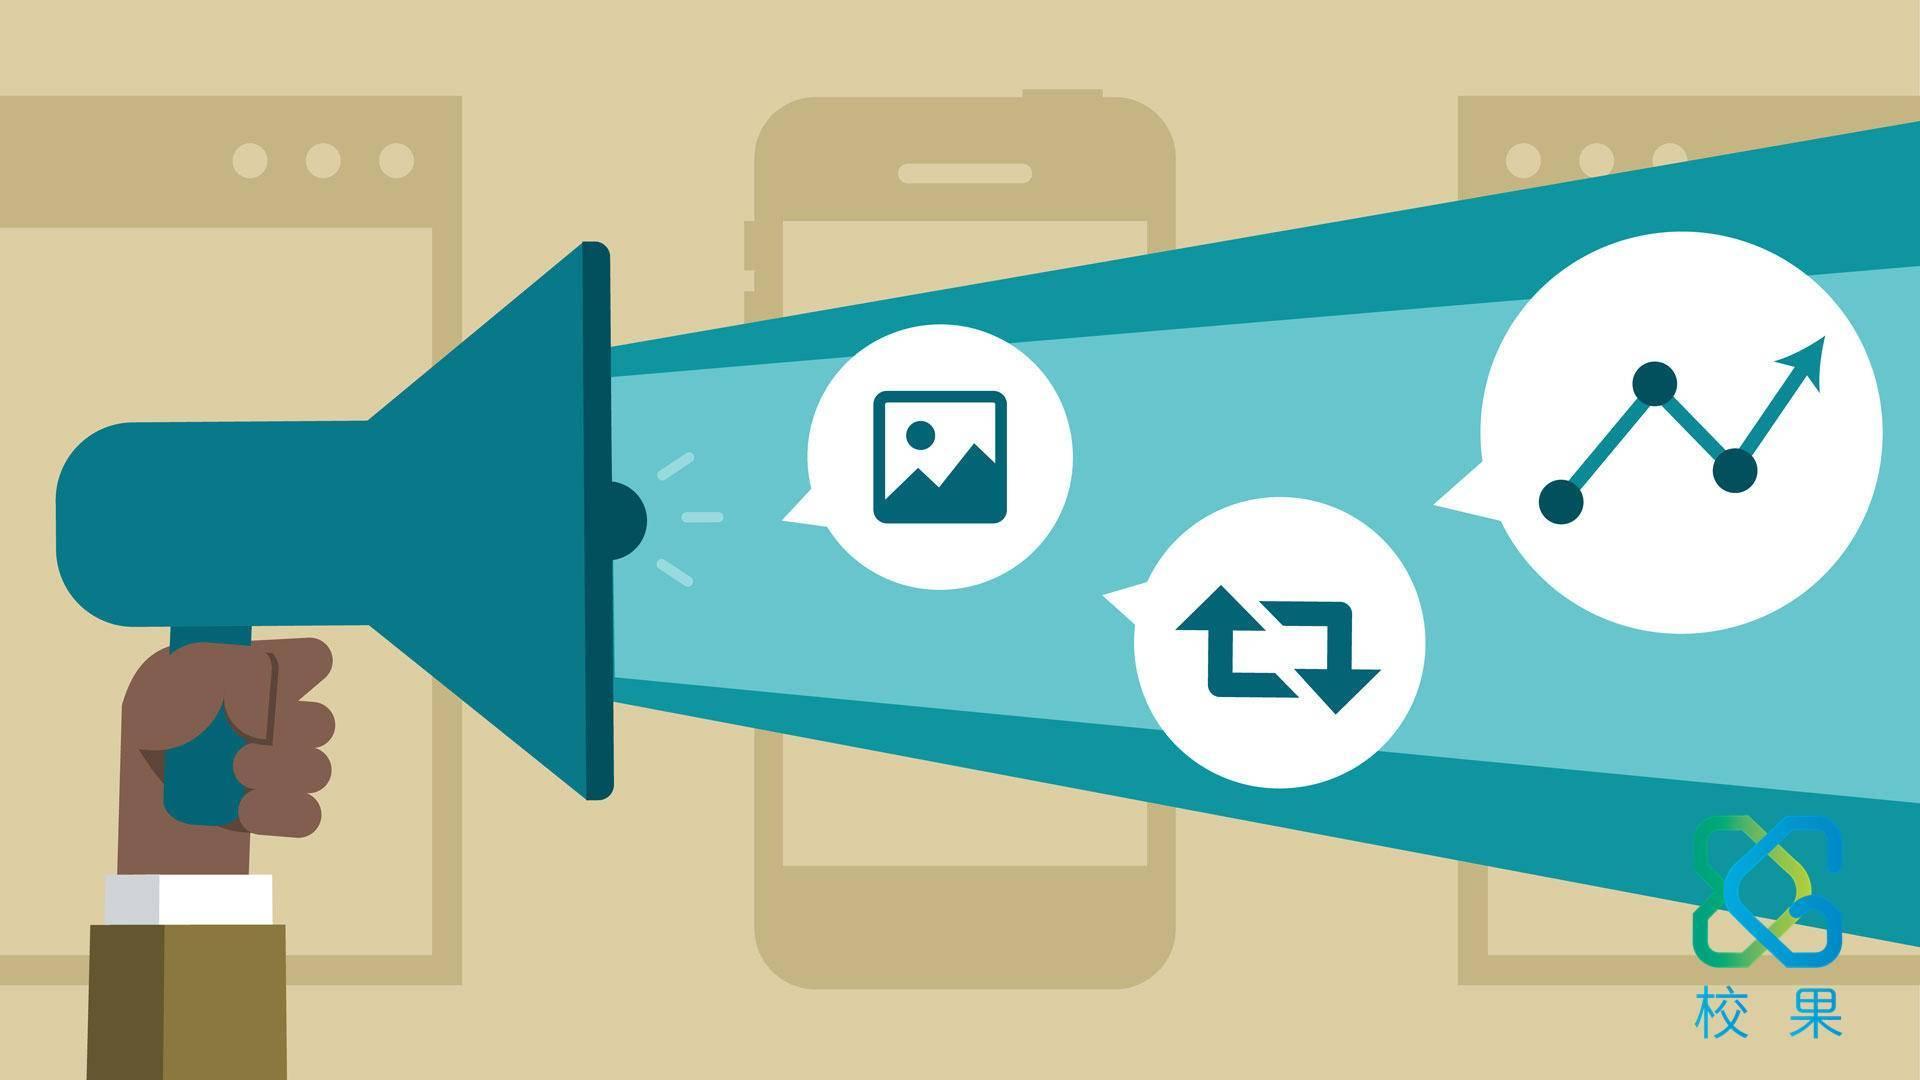 校园营销中所提及的内容营销它的本质是什么